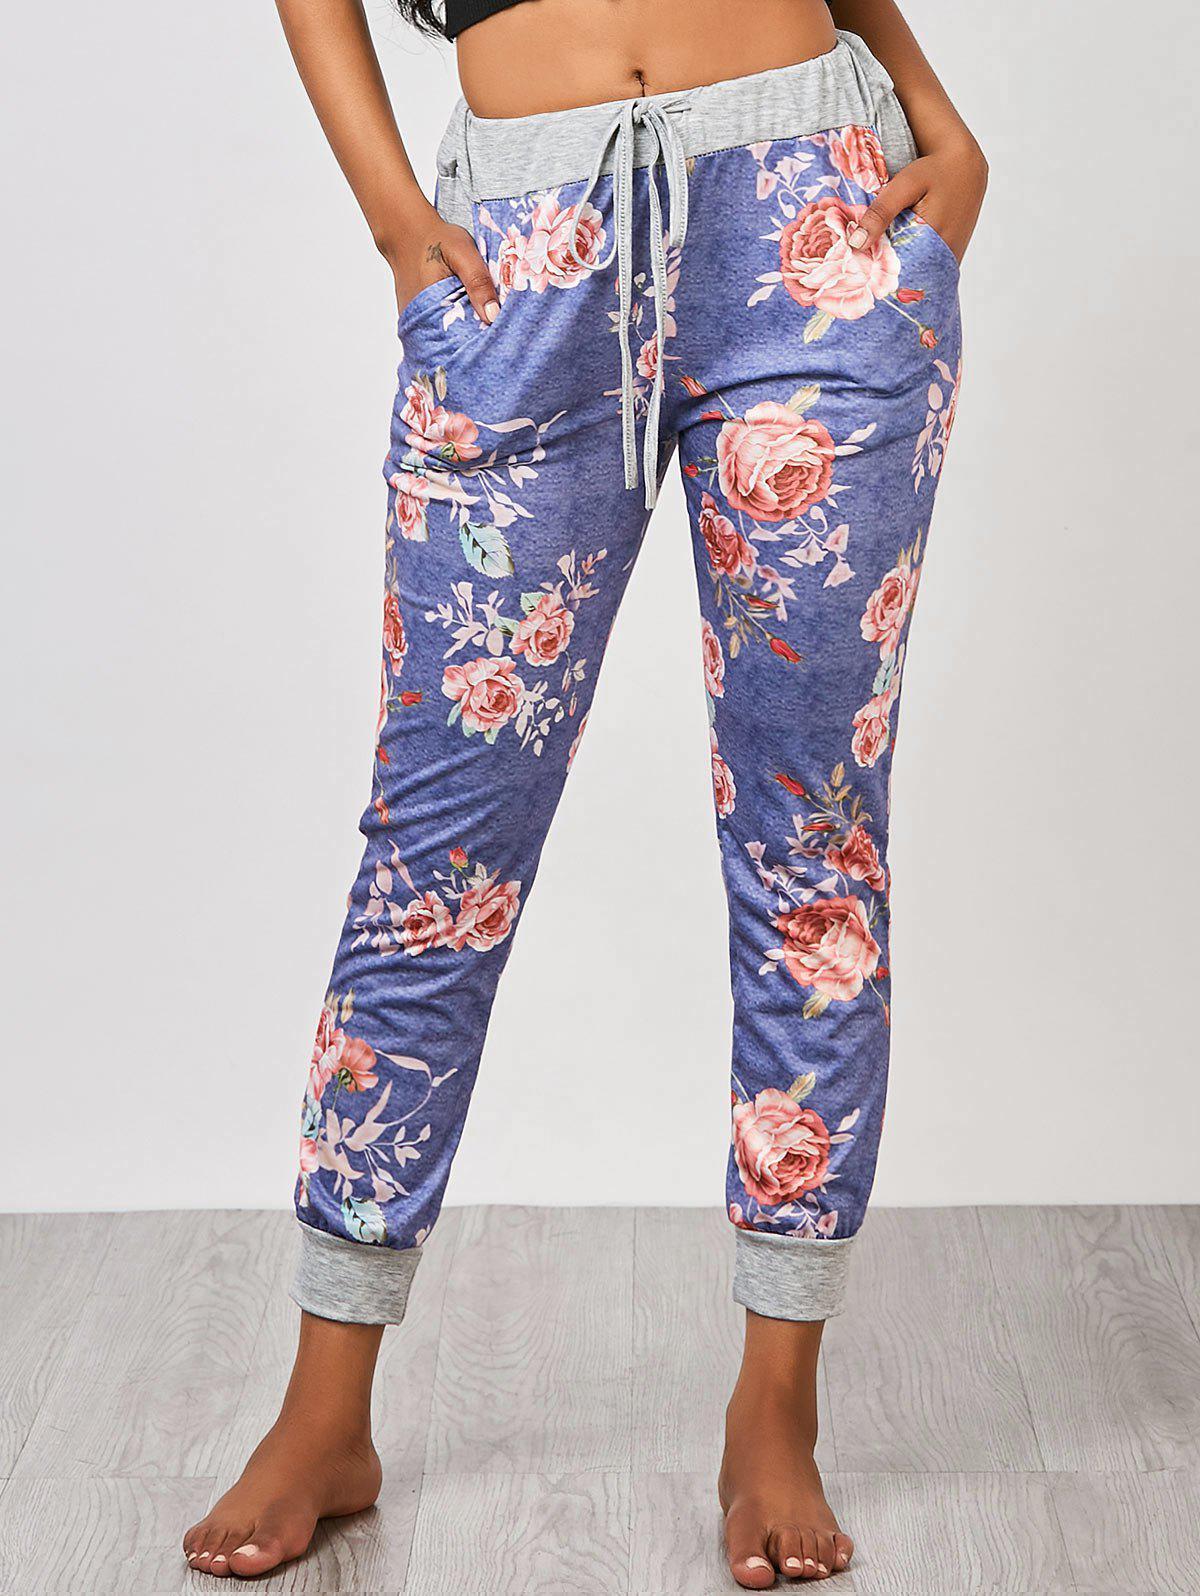 Pantalons de jogging floraux